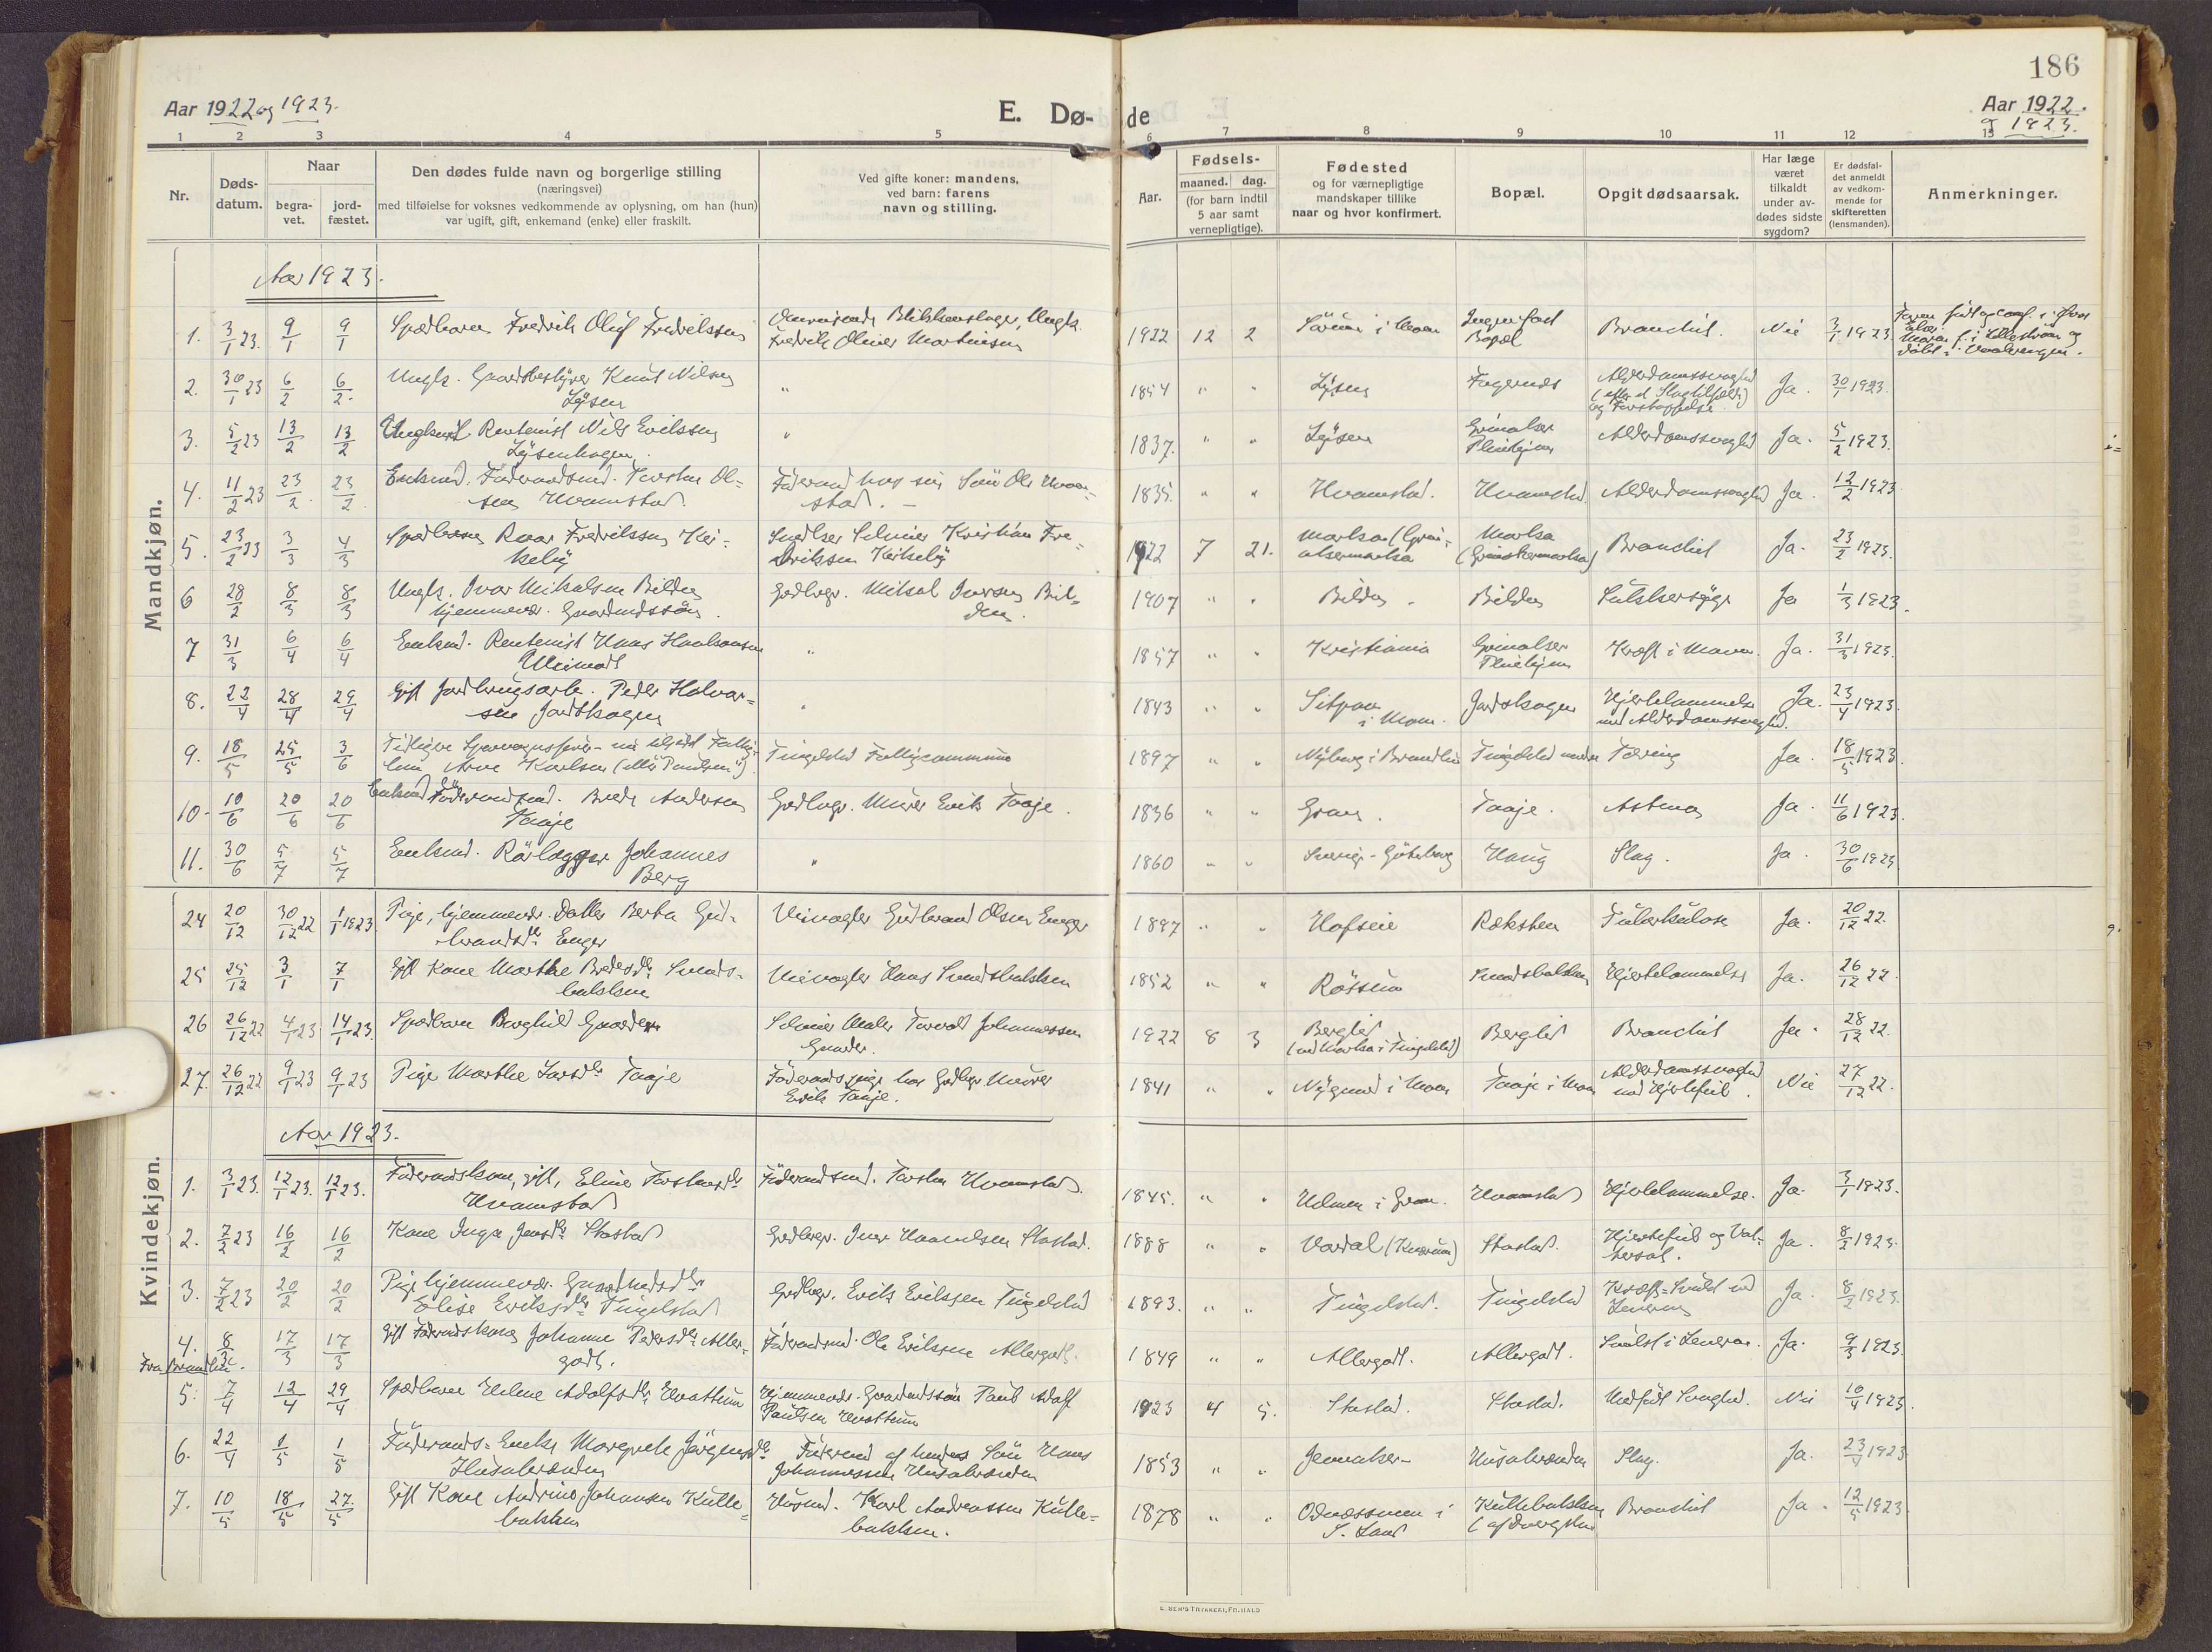 SAH, Brandbu prestekontor, Ministerialbok nr. 3, 1914-1928, s. 186